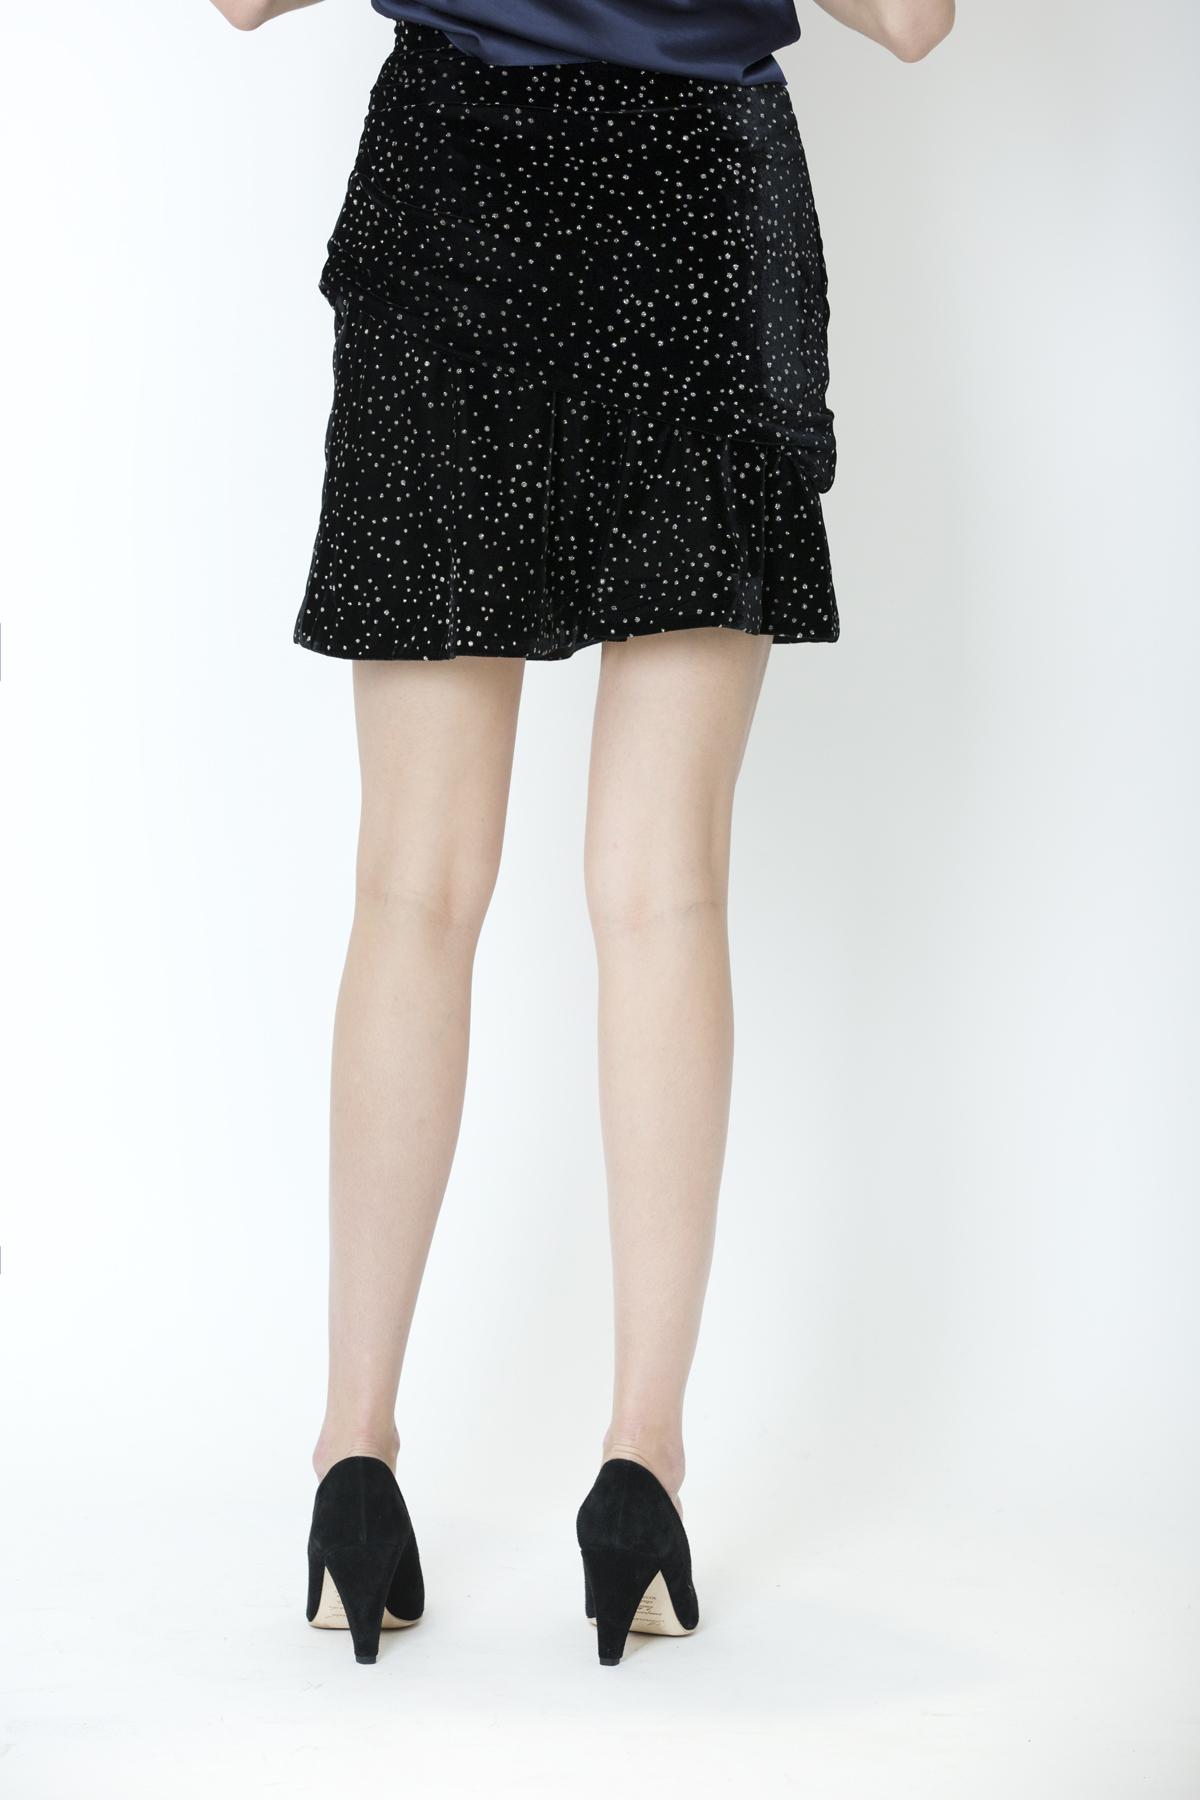 joleta-velvet-mini-skirt-dotted-metallic-iro-matchboxathens